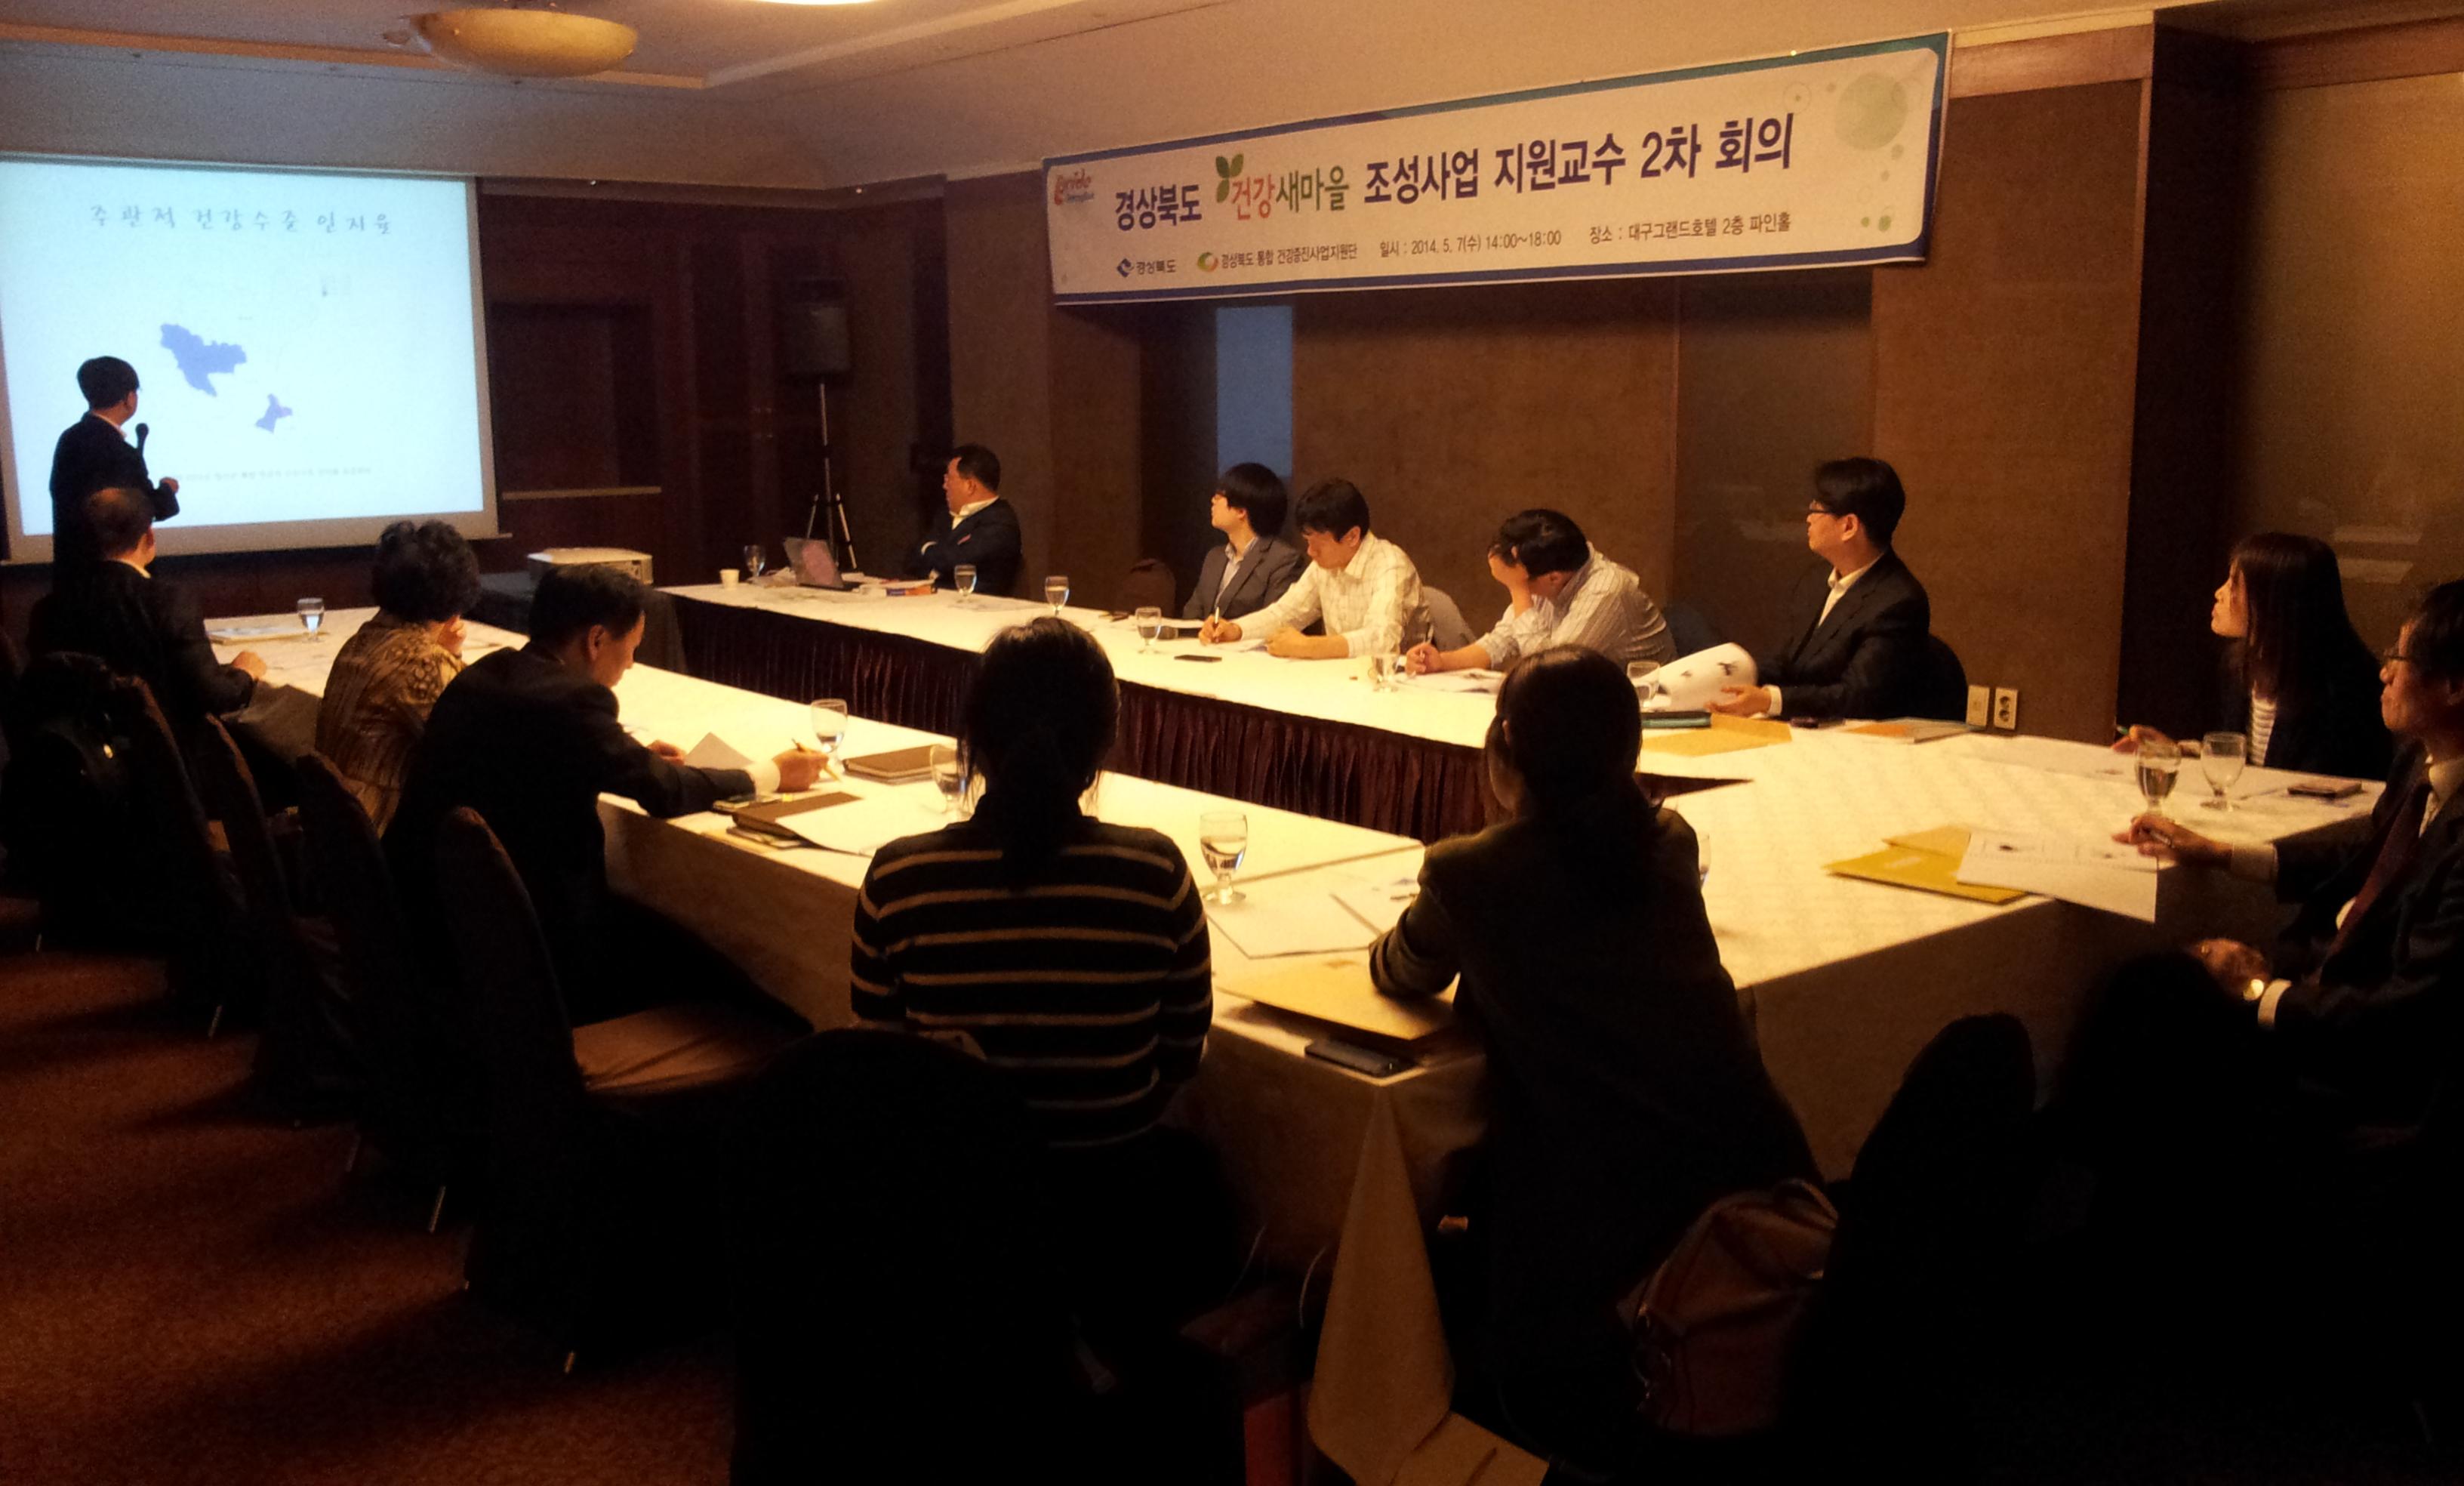 경상북도 건강새마을 조성사업 지원교수 2차 회의